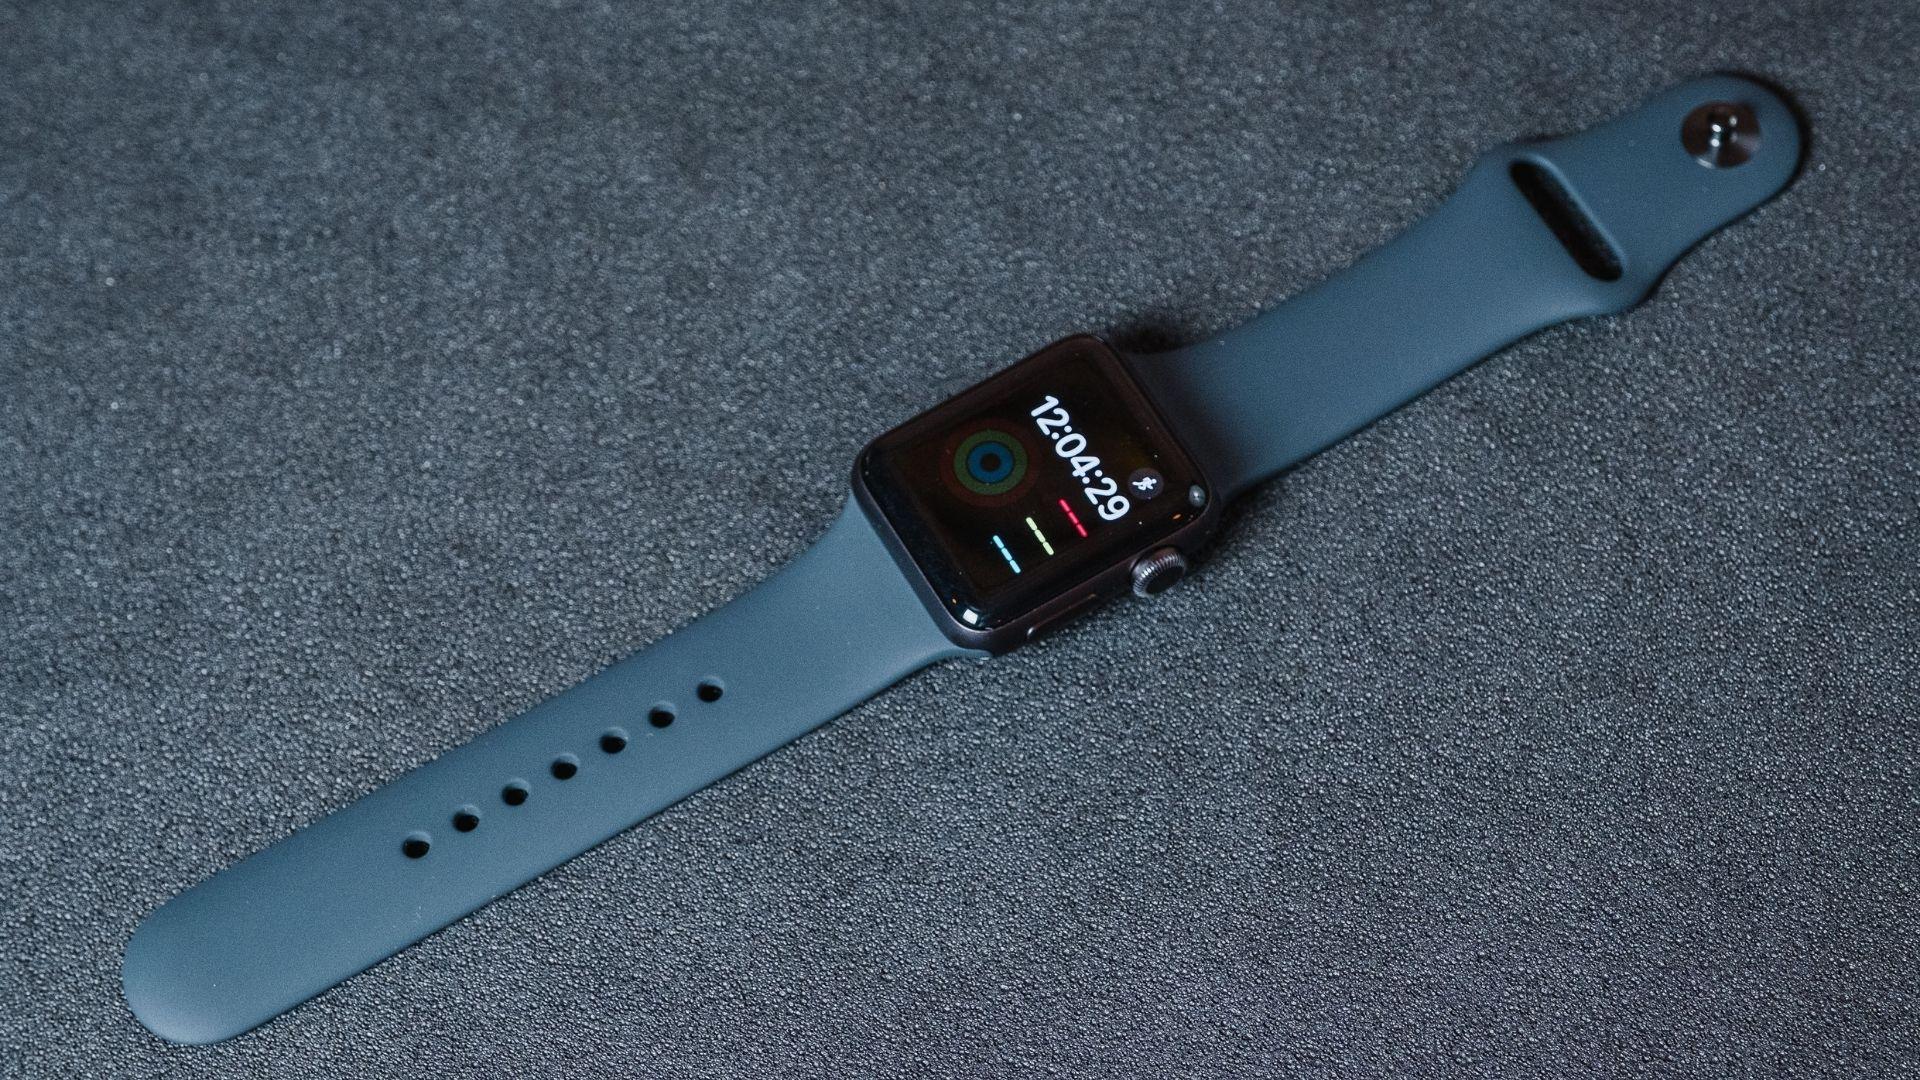 Apple Watch 3 com a tela acesa mostrando a hora e pulseira de silicone preta em um fundo cinza